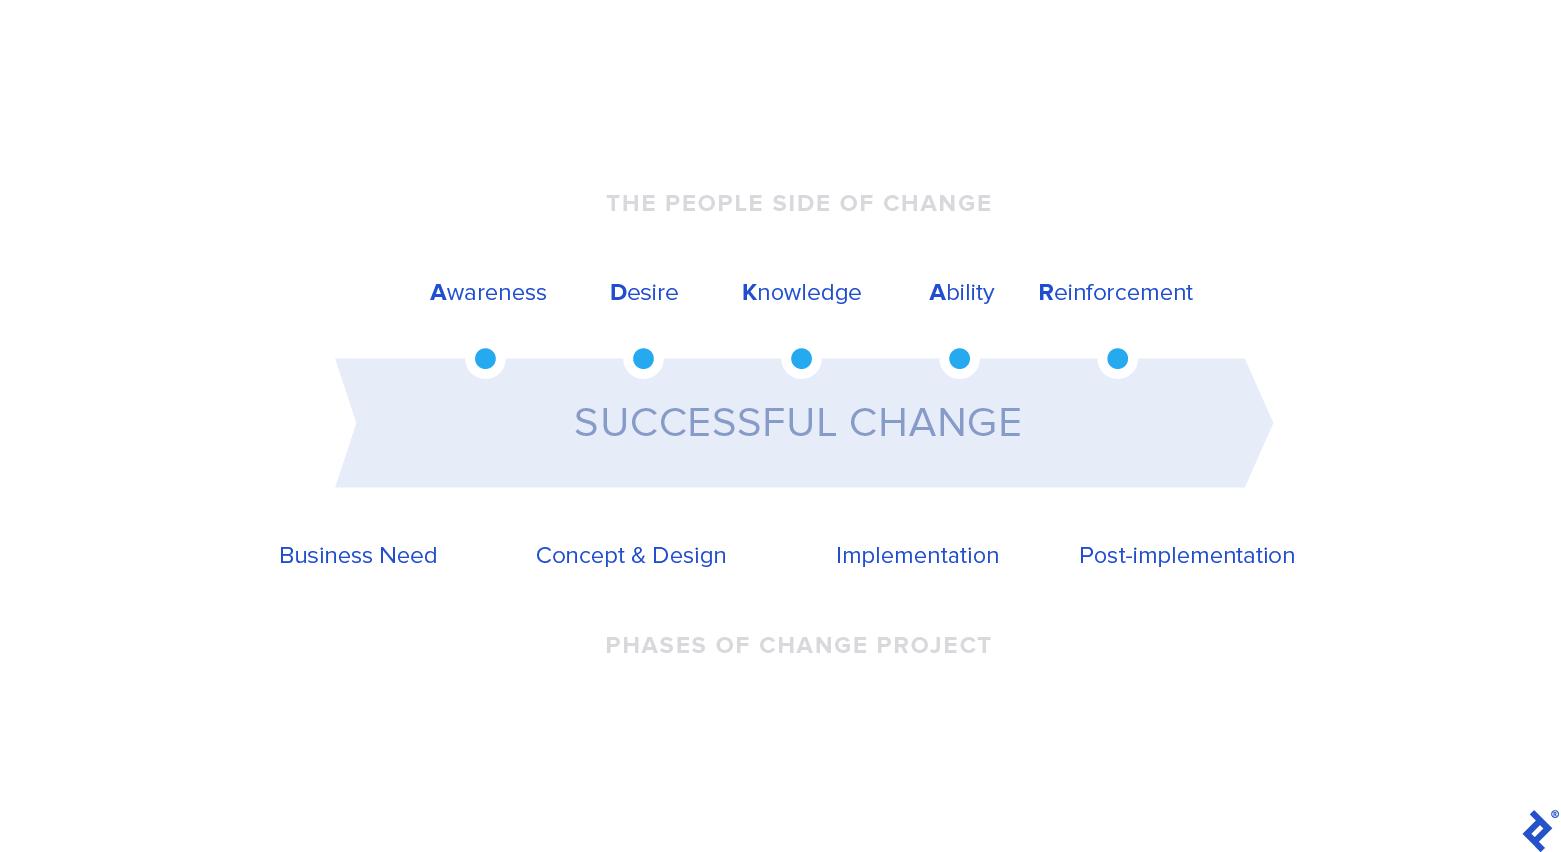 The ADKAR change model